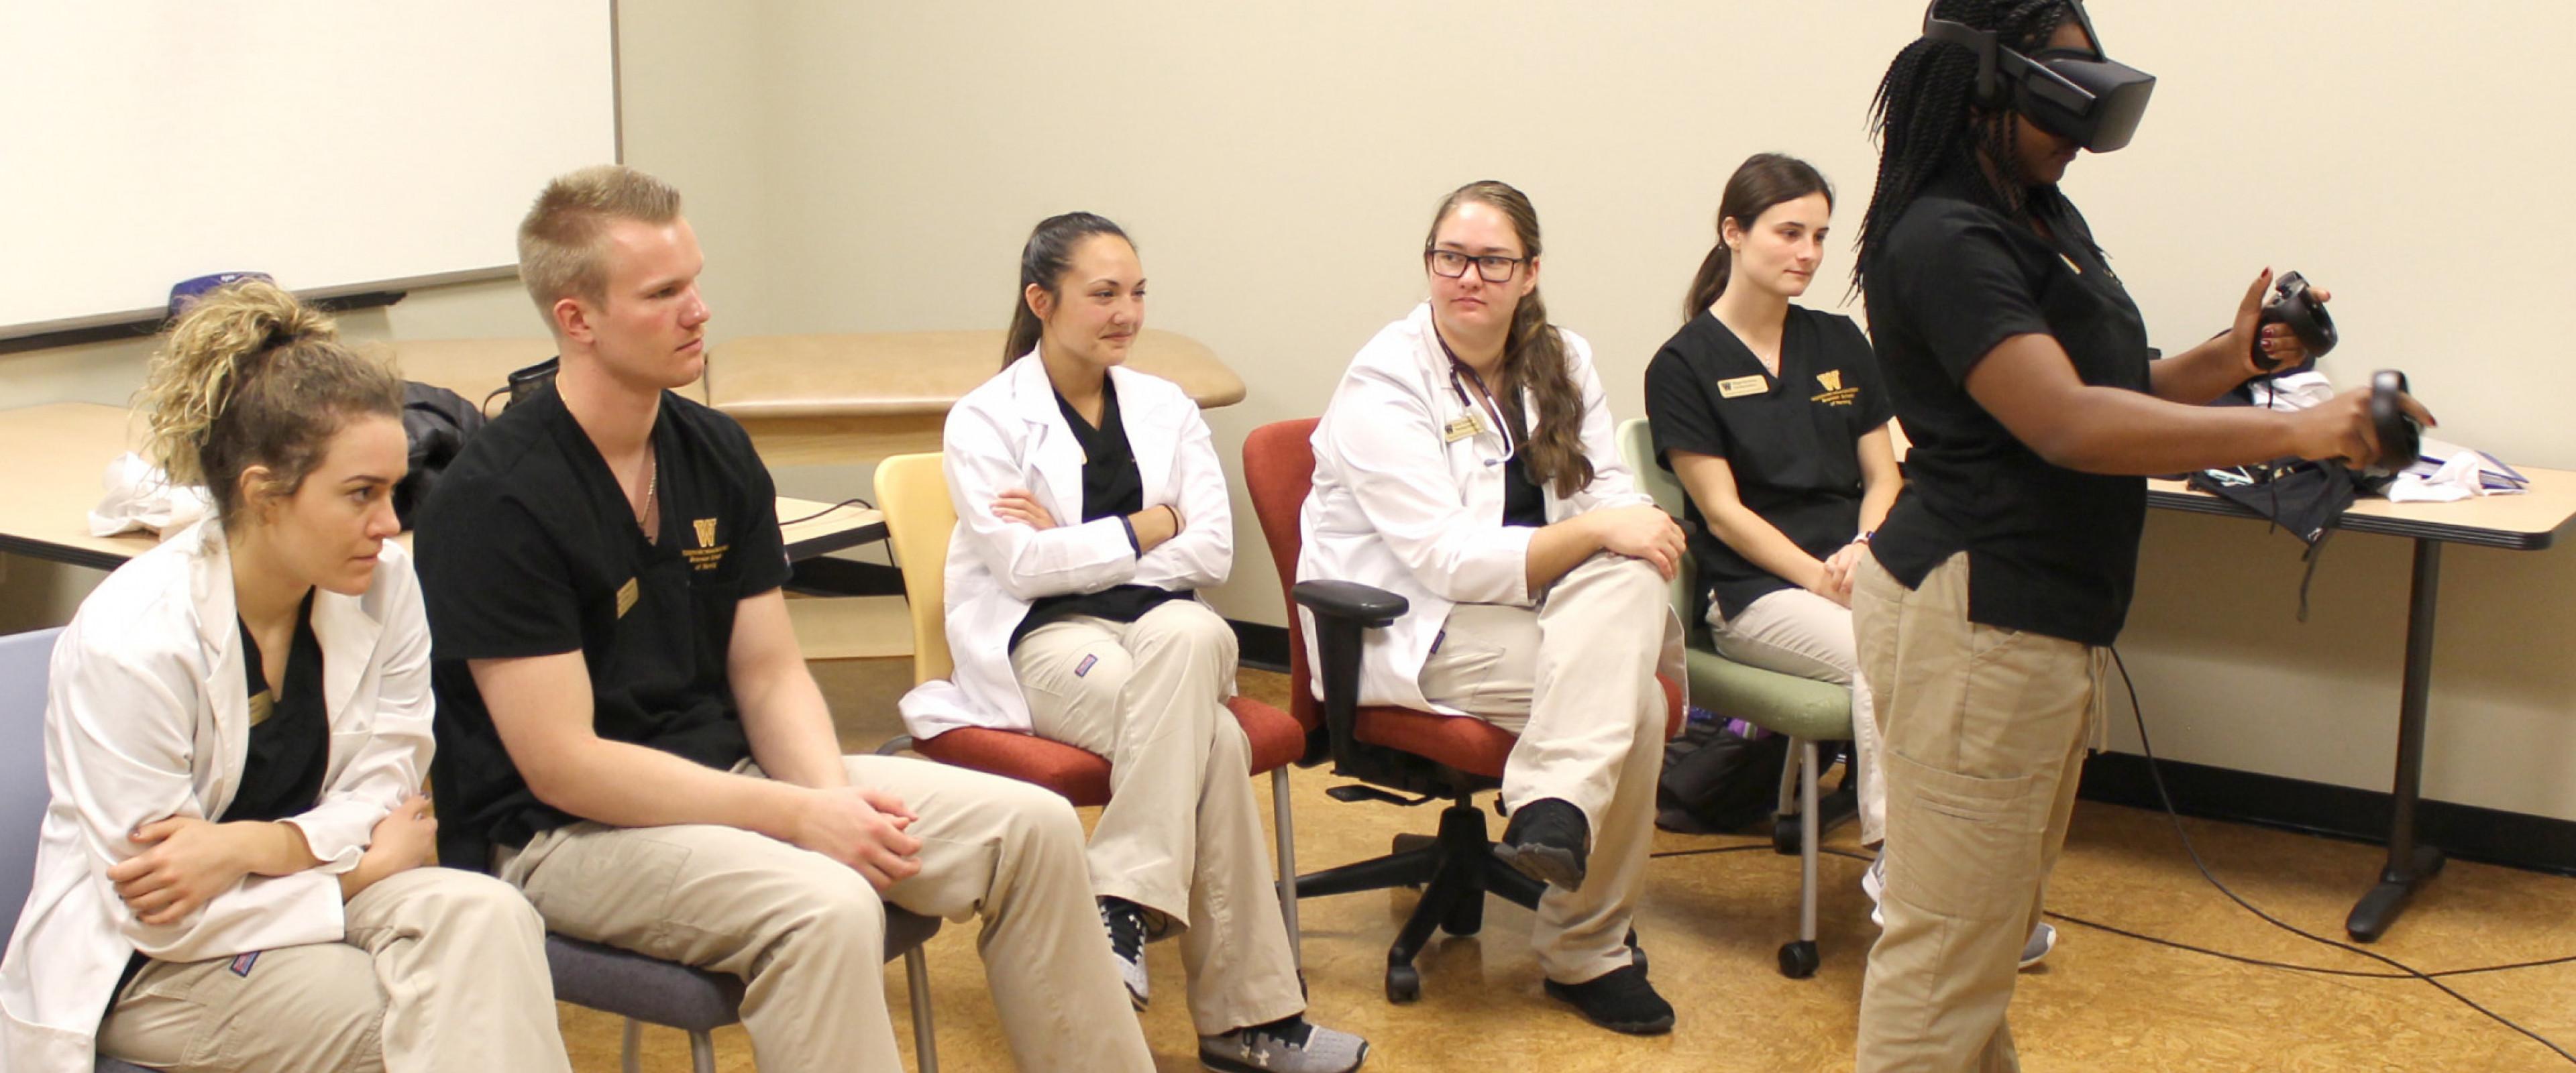 Nursing student virtual reality